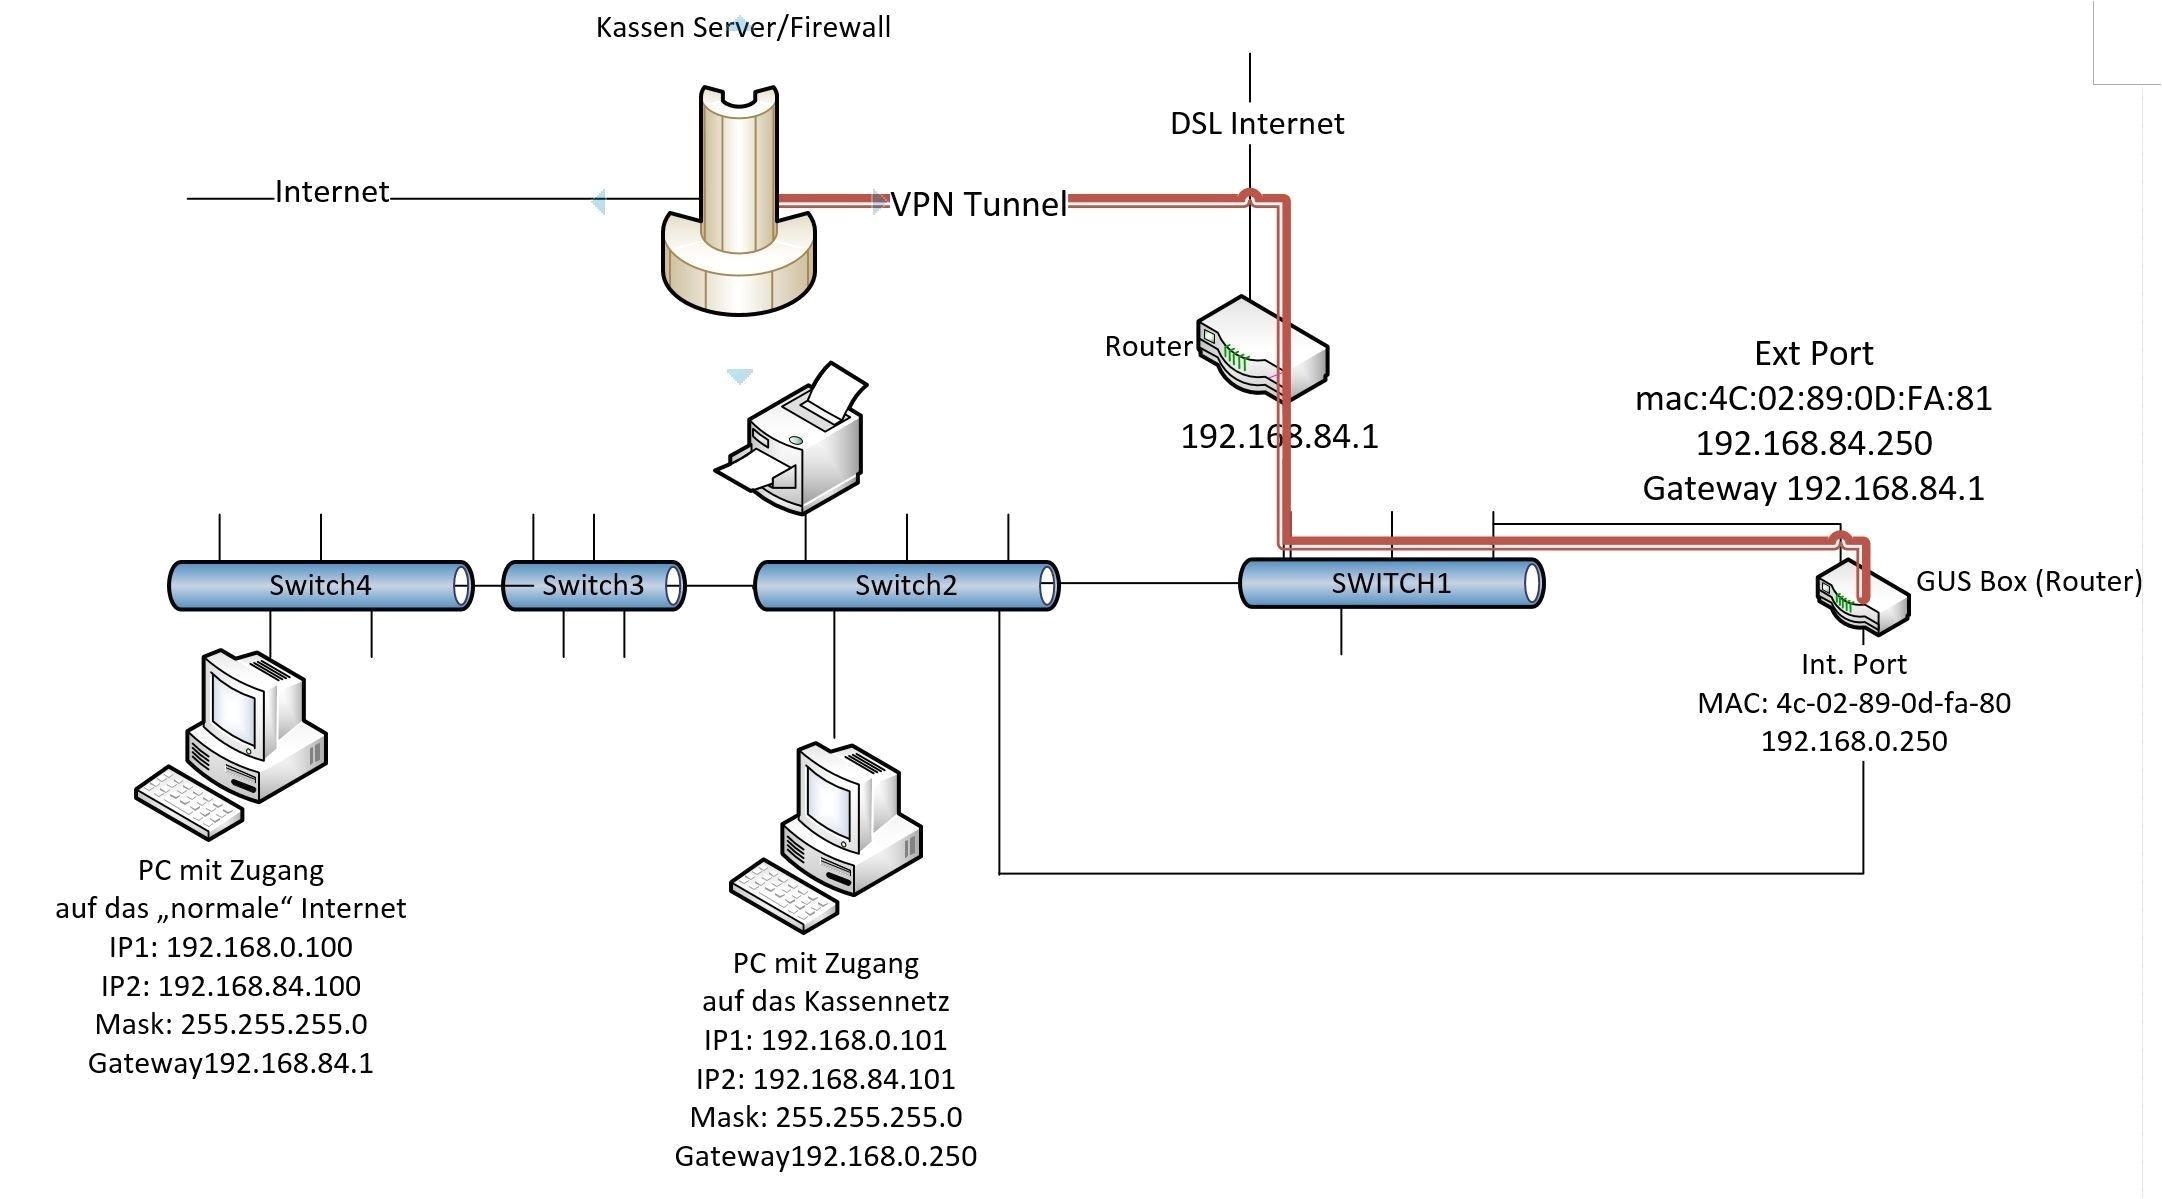 Fender Humbucker Wiring Diagram Texas Special Wiring Diagram Wiring Diagram toolbox